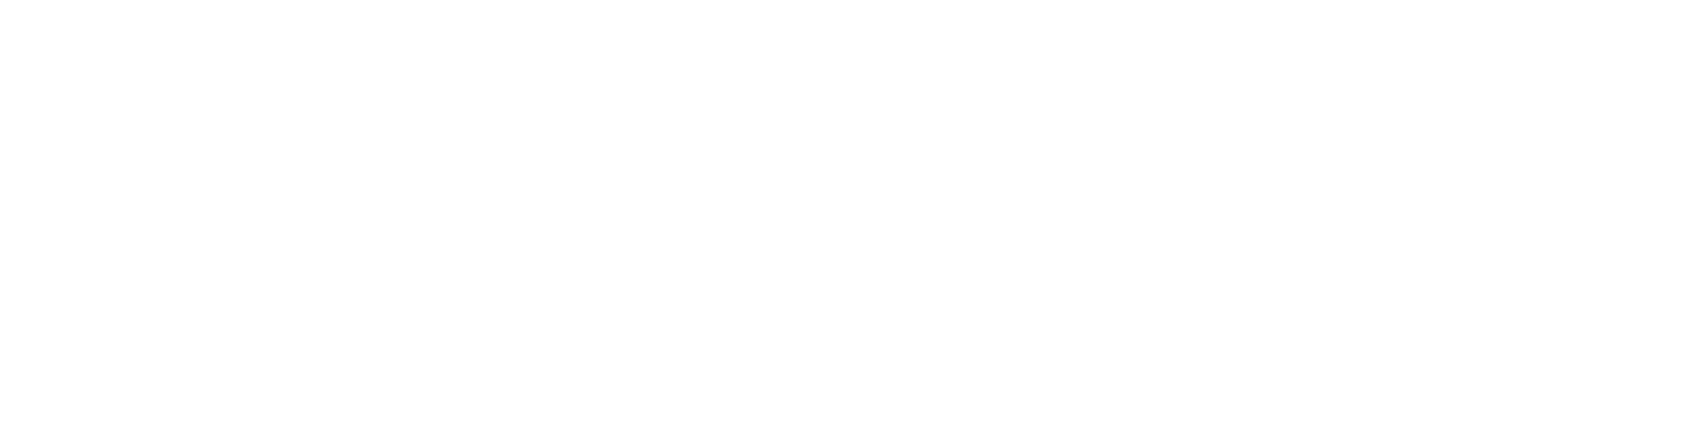 battlefin-logotypewhite